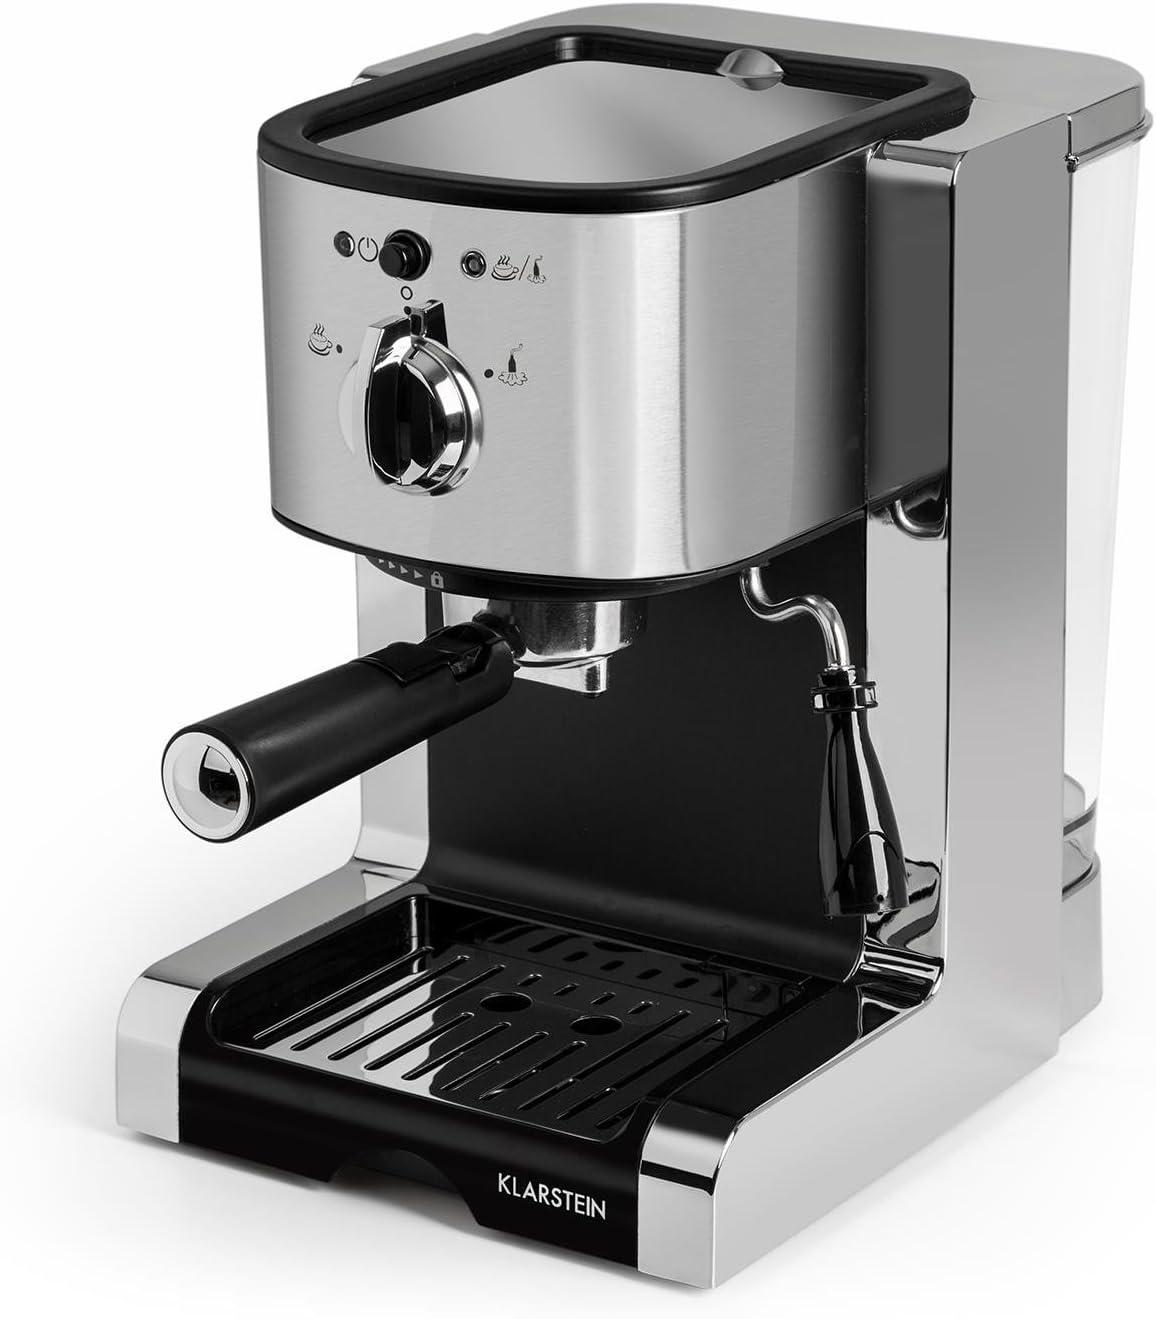 Klarstein Passionata 20 Máquina de café espresso - Cappuccino, Capacidad para 6 tazas, Depósito extraíble, Boquilla de vapor, Espumadora de leche, Acero inoxidable, Plateado